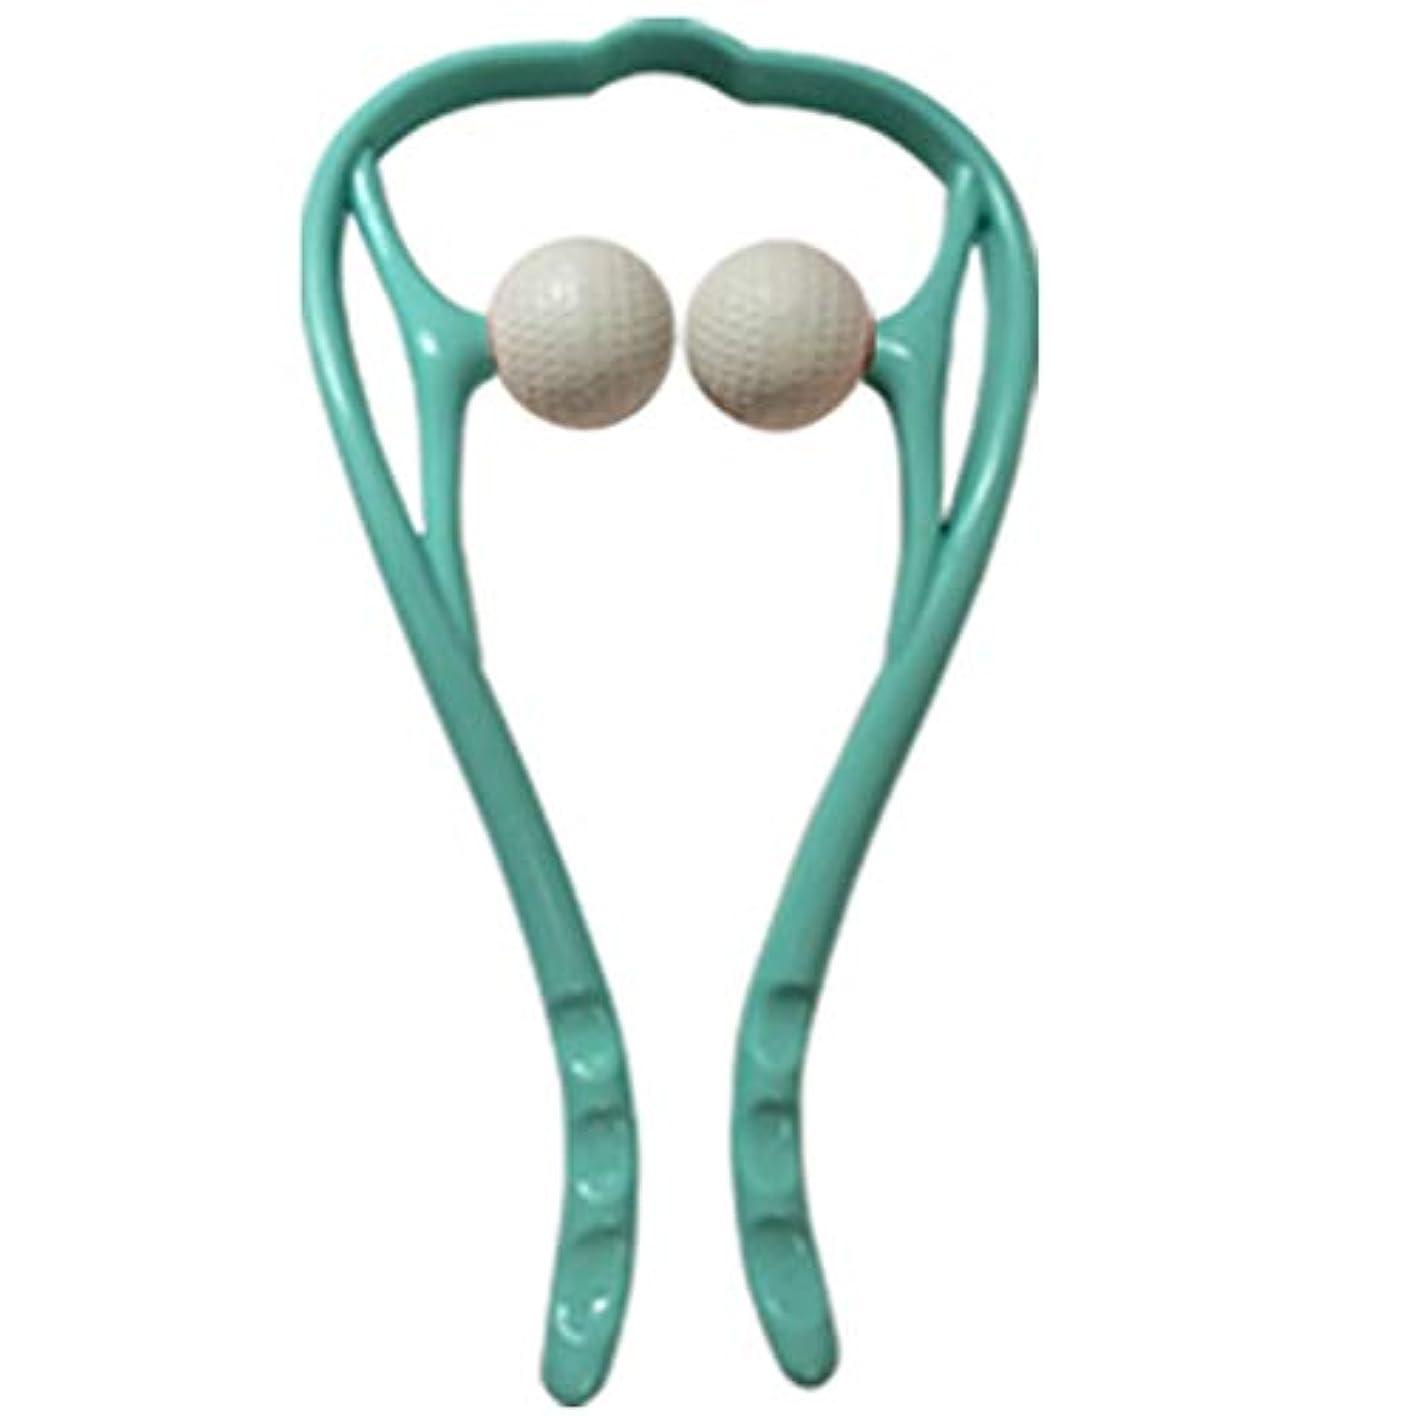 二層硫黄エッセイ手動首のマッサージャーの球の頚部U字型ハンドルの圧力点のマッサージャー手動自己筋肉マッサージ,Blue